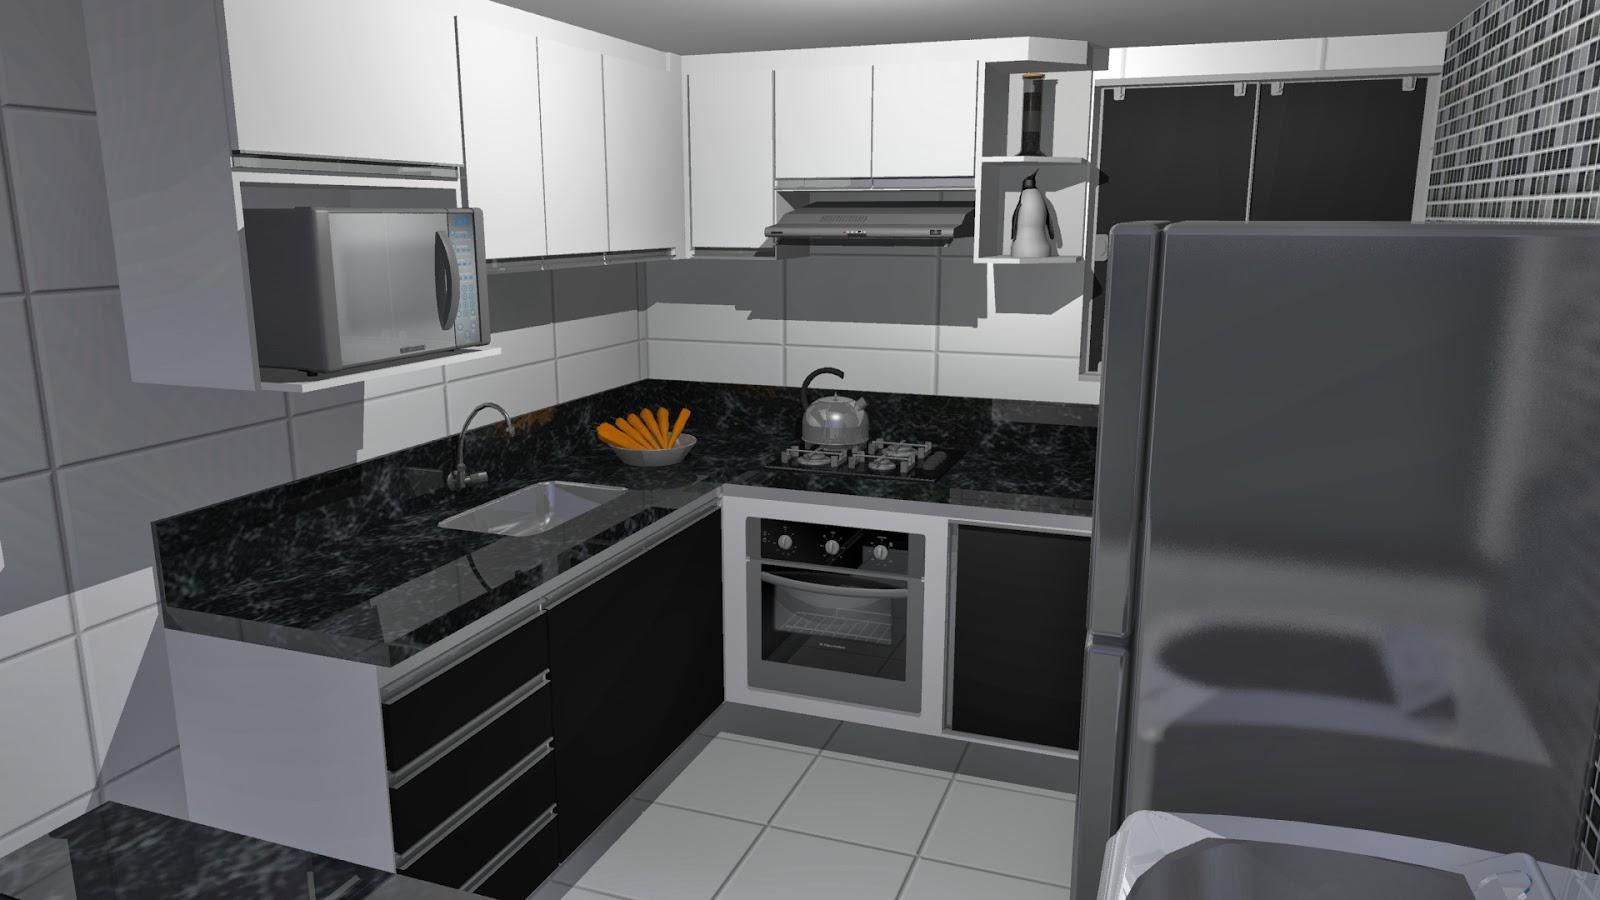 Campi Designer de interiores: Projeto Cozinha tipo Americana #794910 1600 900